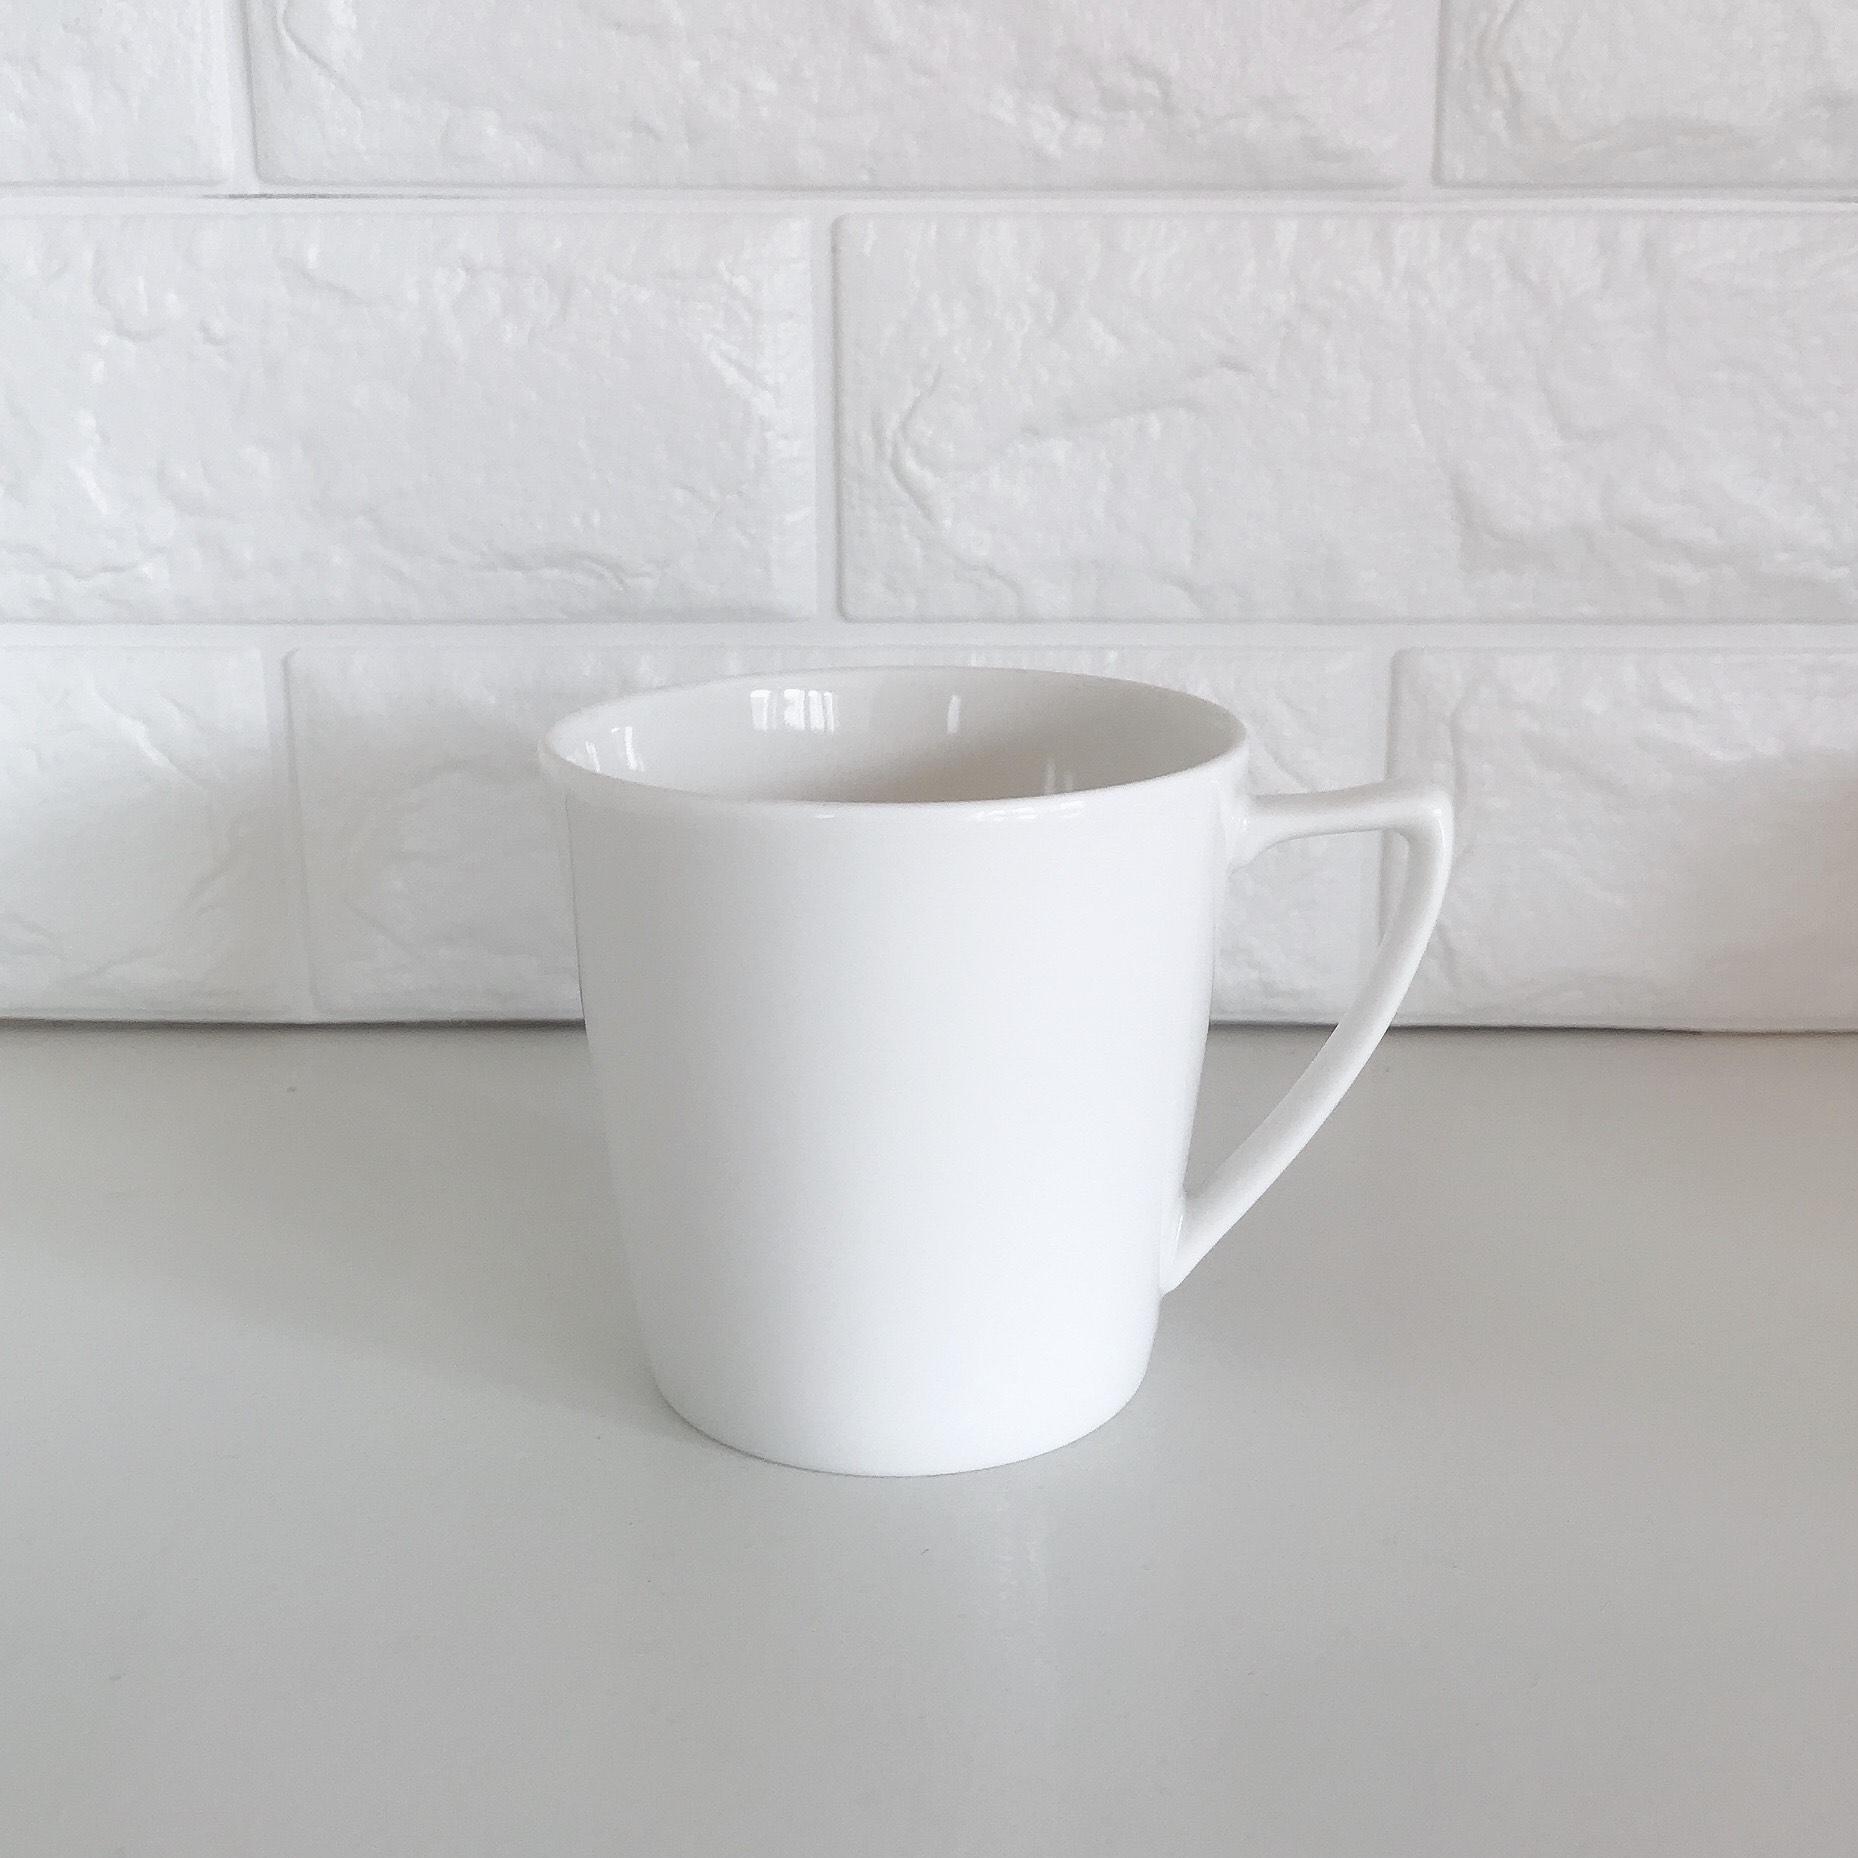 エターナルホワイト マルチマグ マグカップ